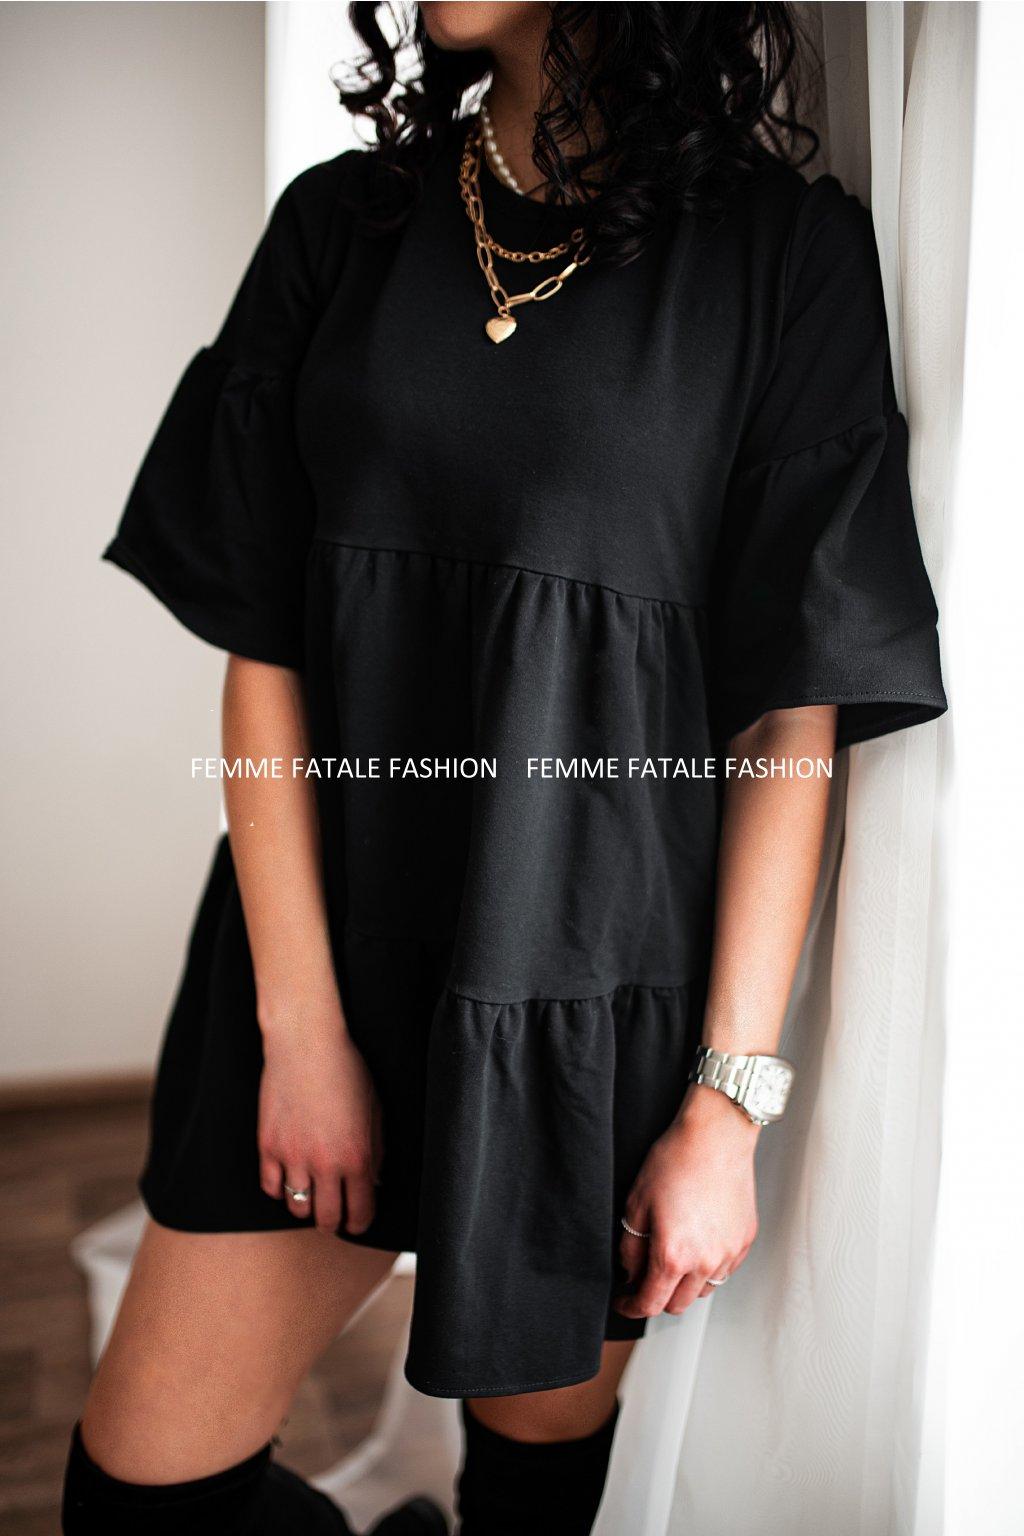 Dámské šaty MEGI femmefatalefashion (2)